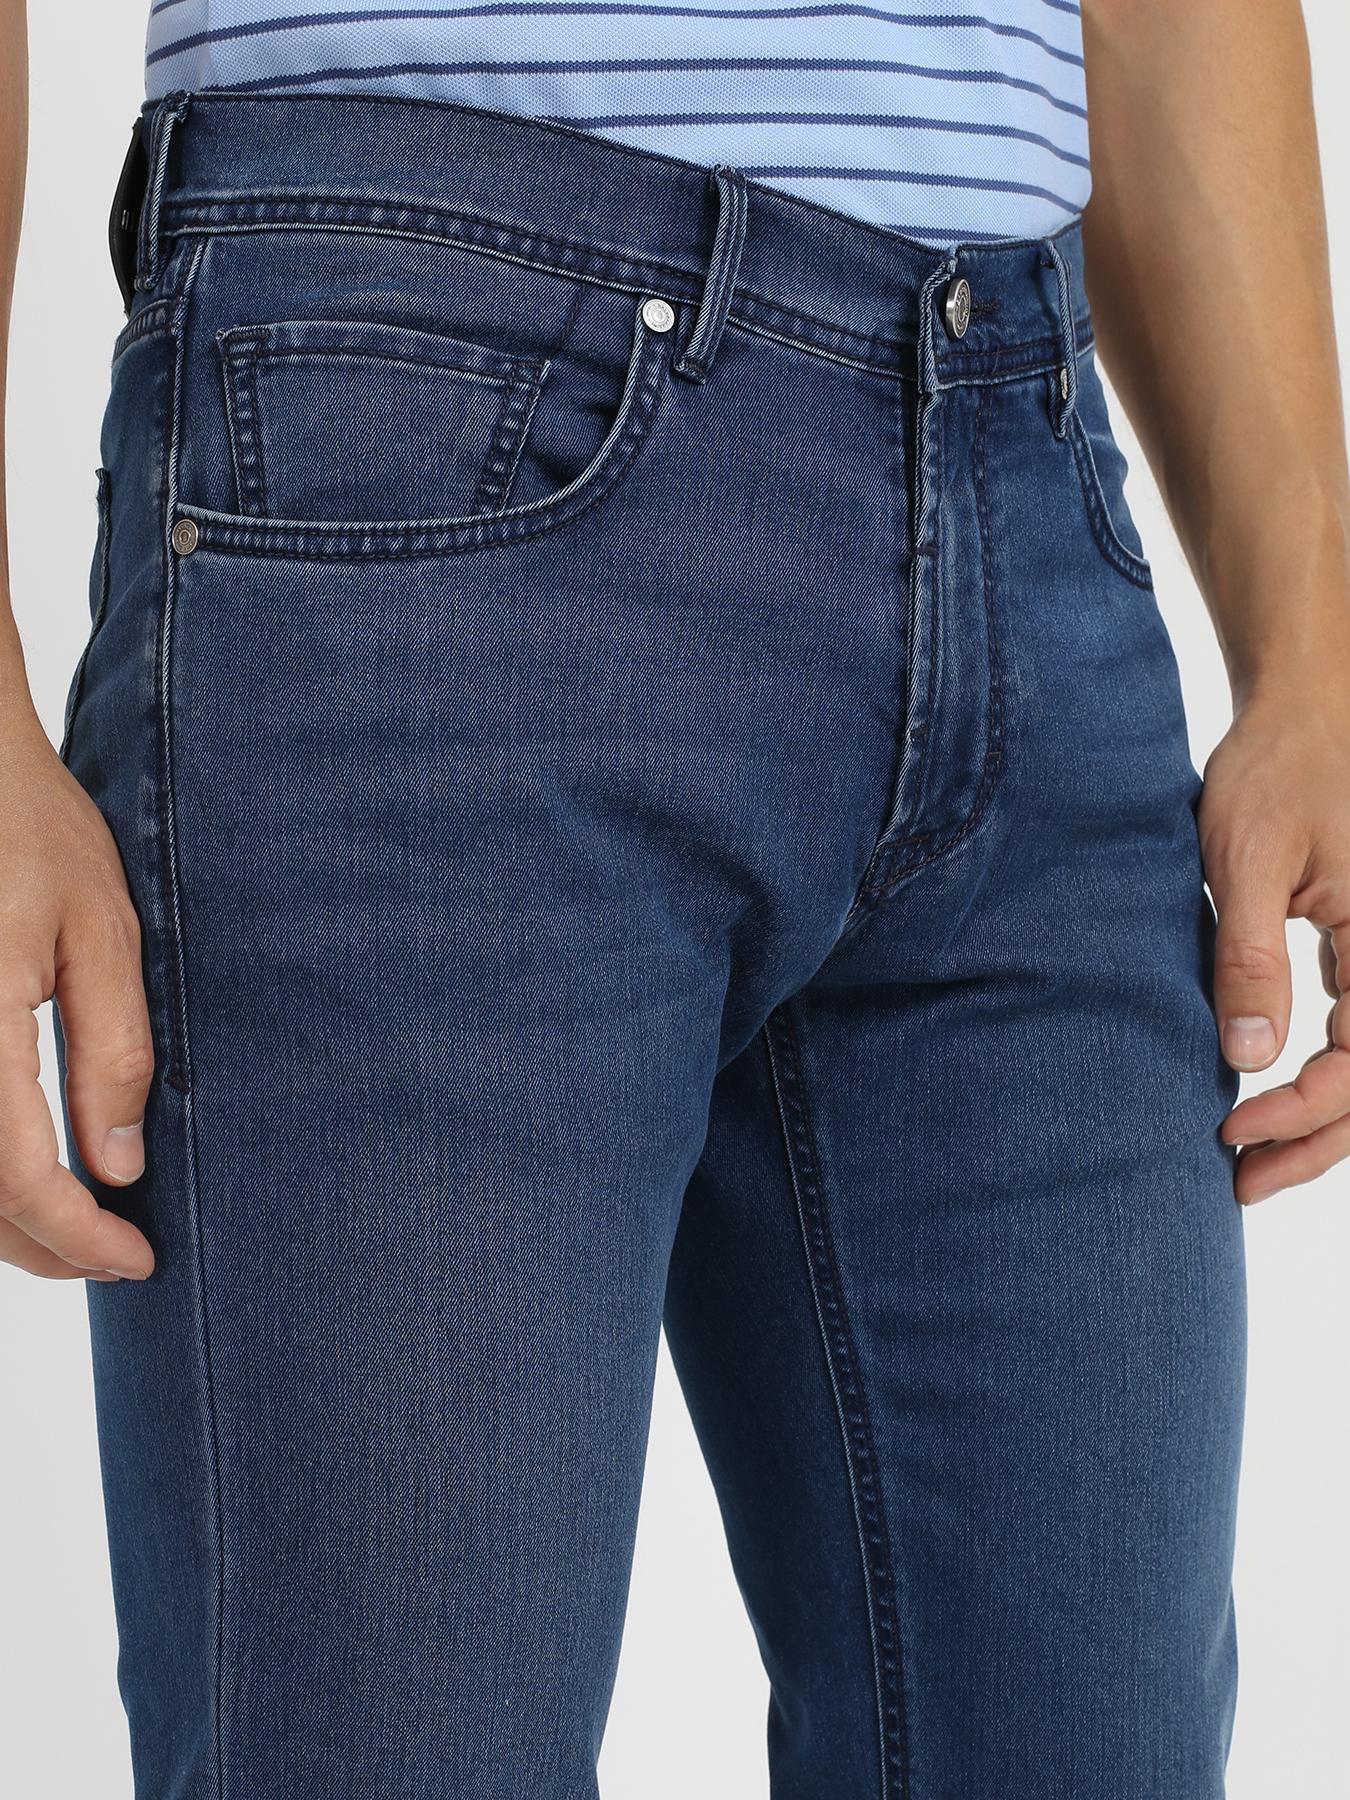 Baldessarini Мужские джинсы 336374-092 Фото 3